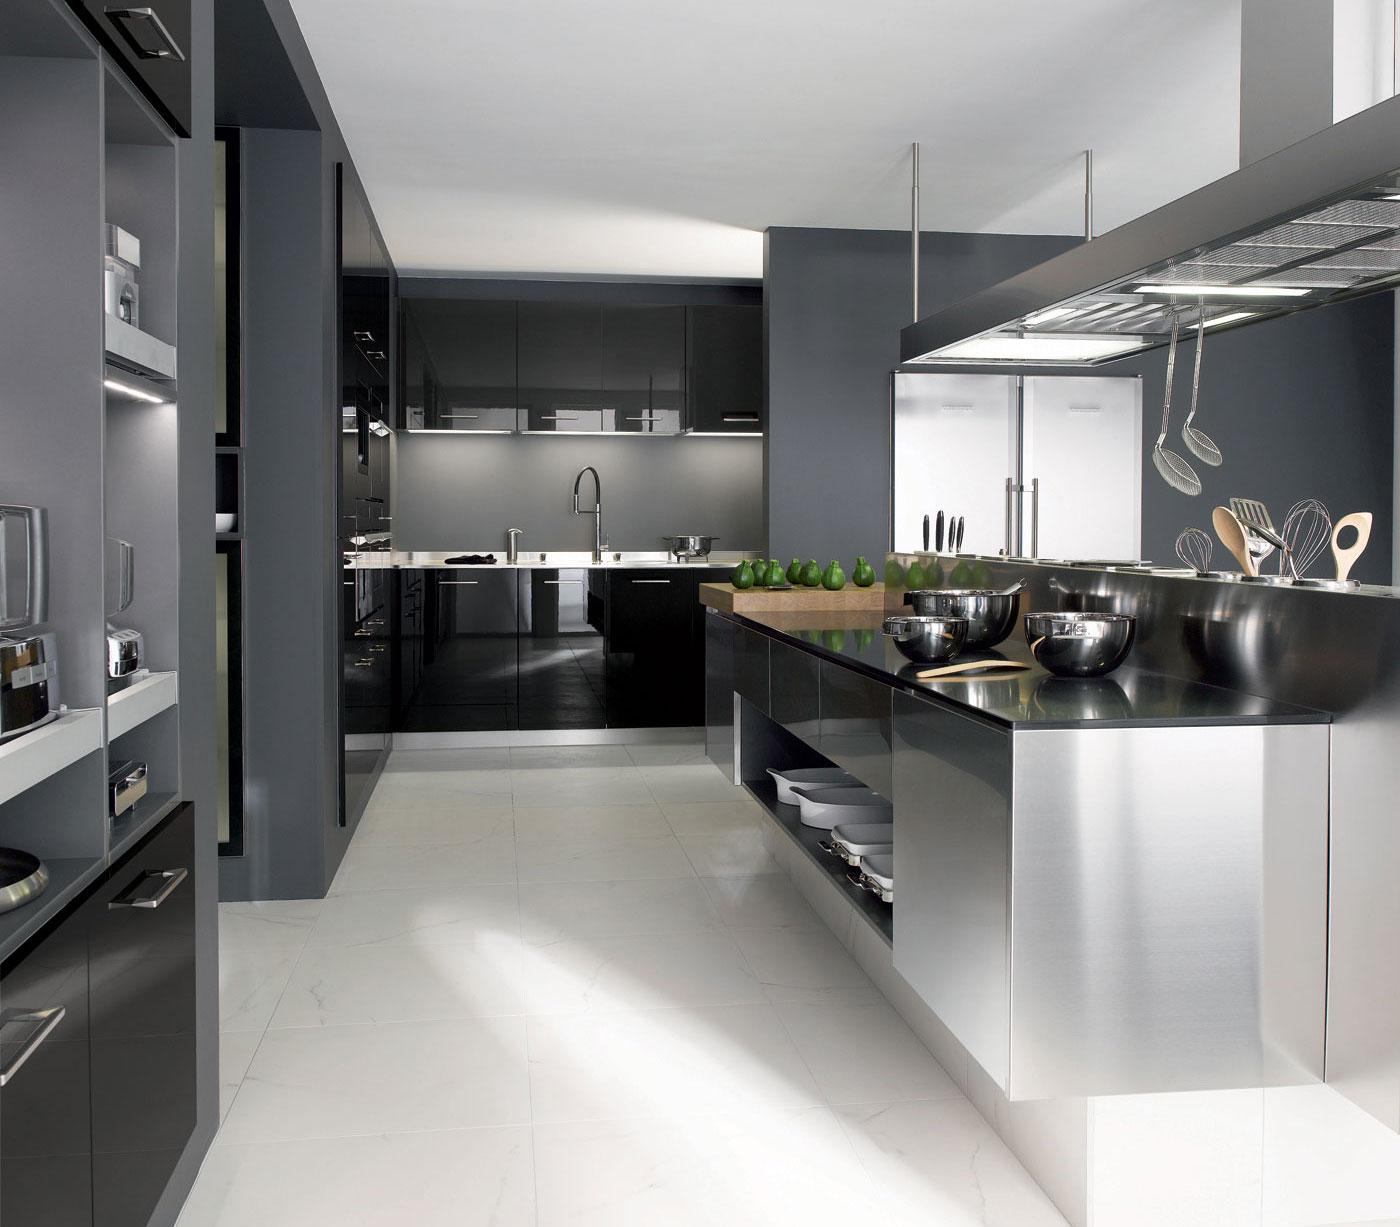 Faure Agencement / Perene Lyon : Cuisines, Salle de bains, Rangement ...